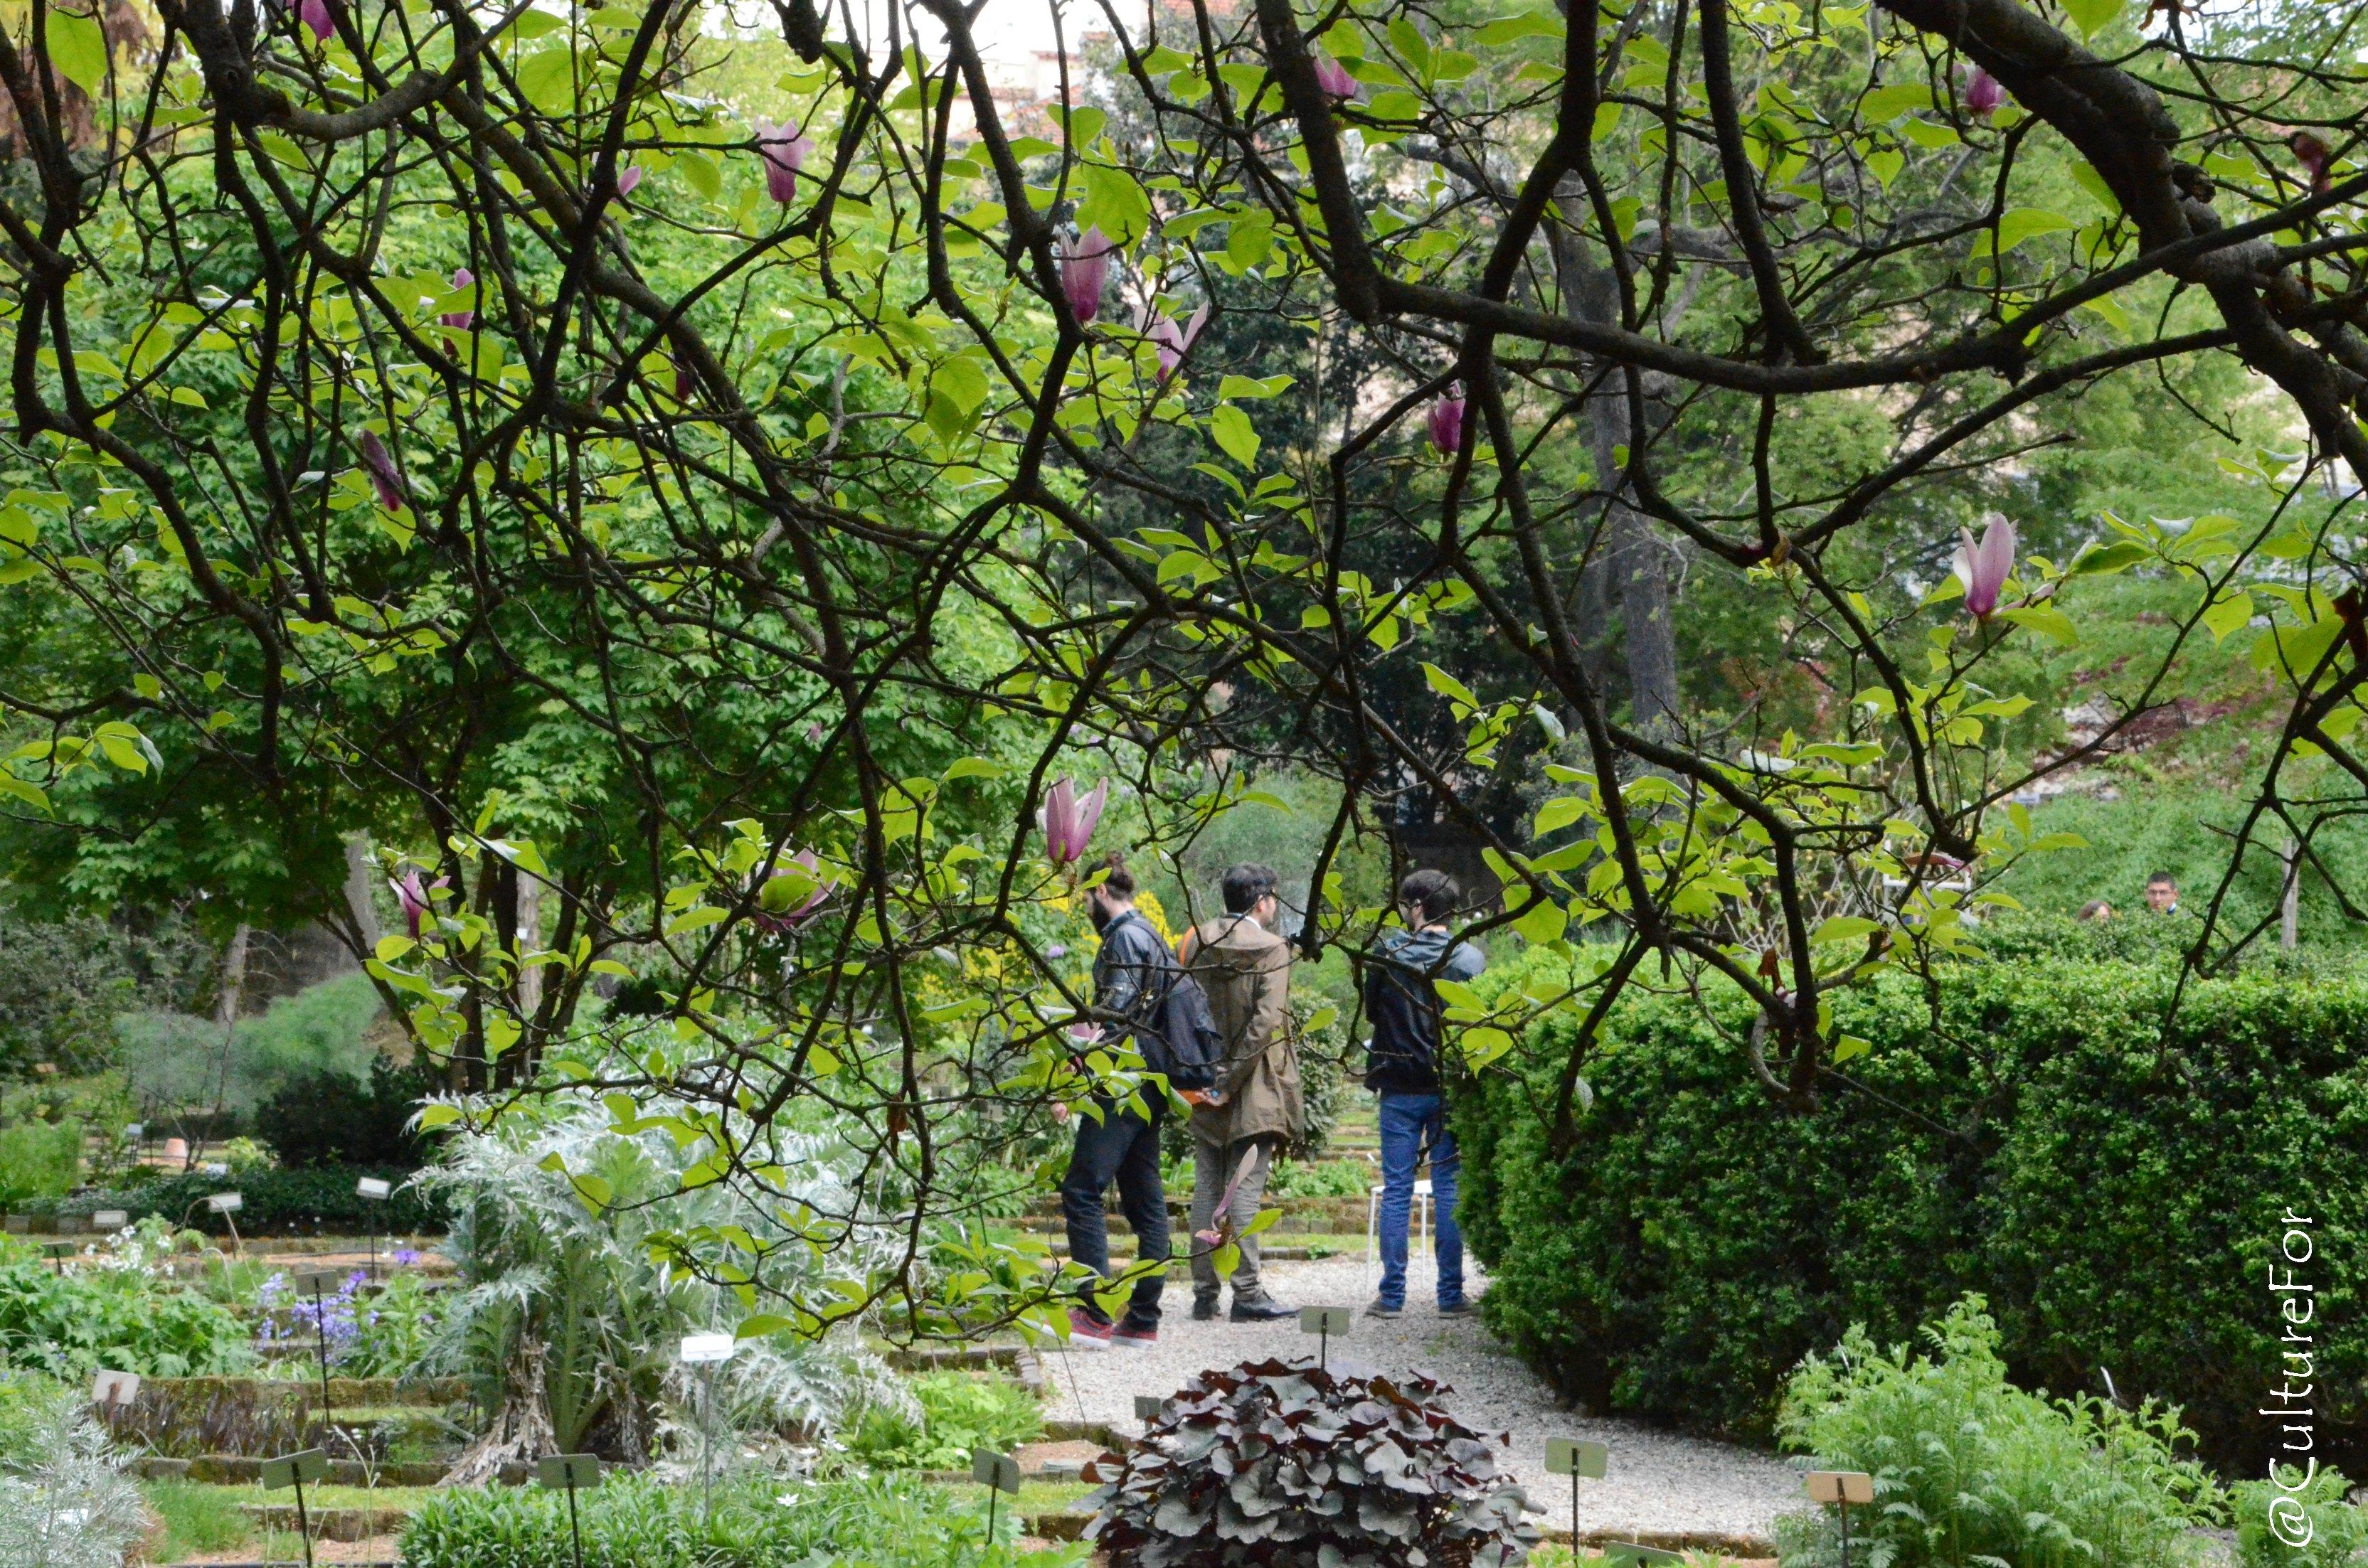 La festa del solstizio d estate all orto botanico di brera museo